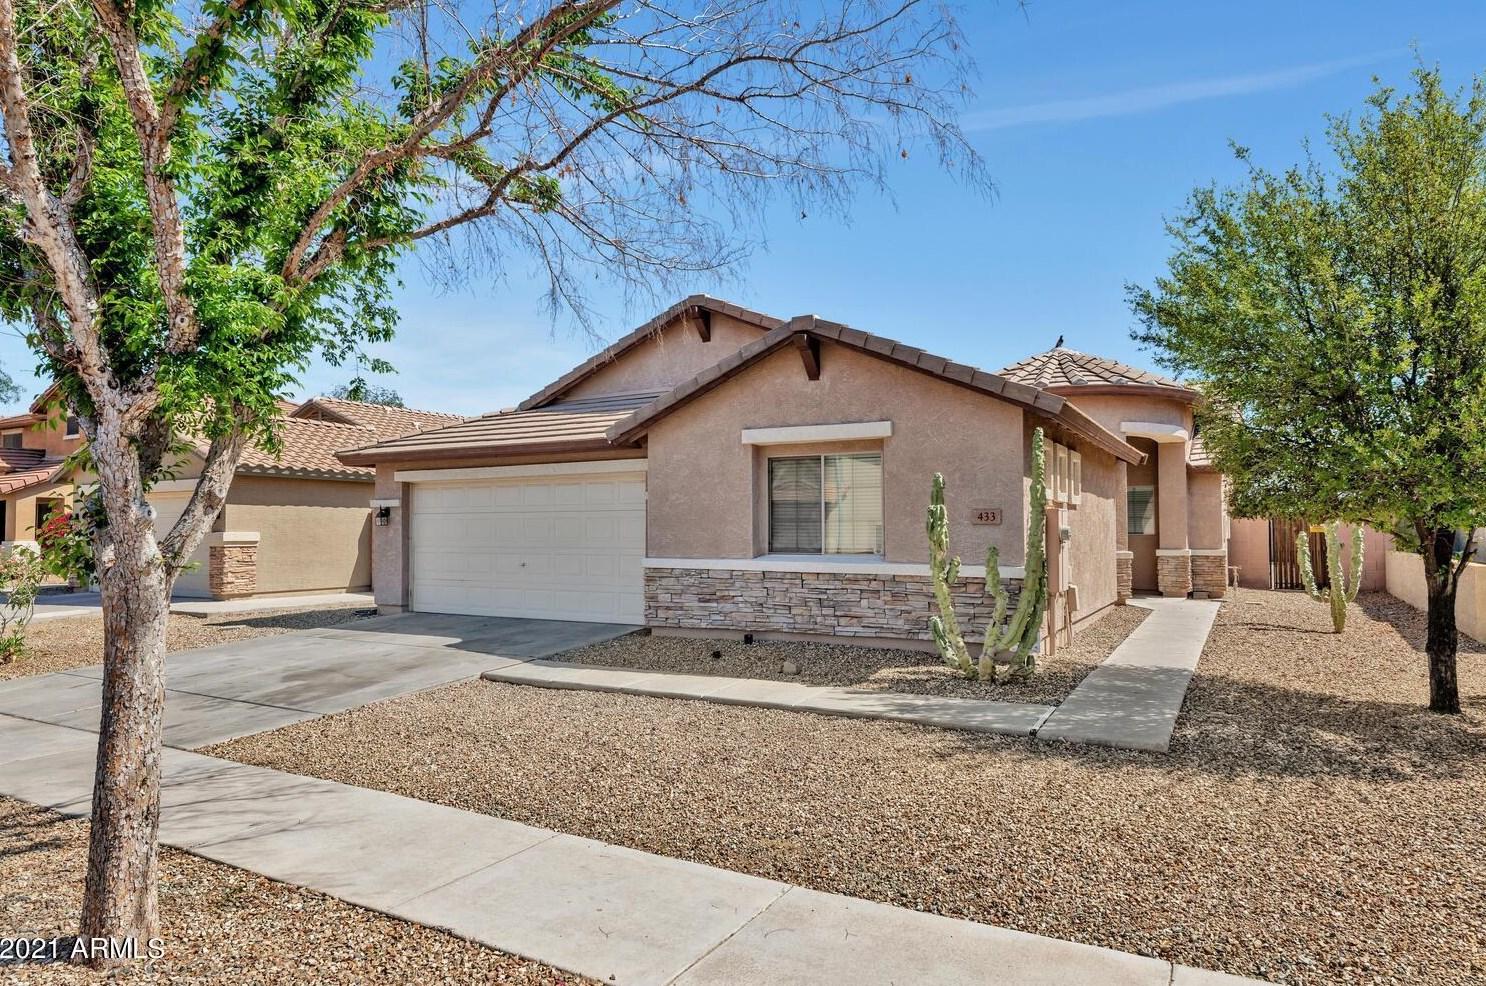 433 S 111th Dr, Avondale, AZ 85323